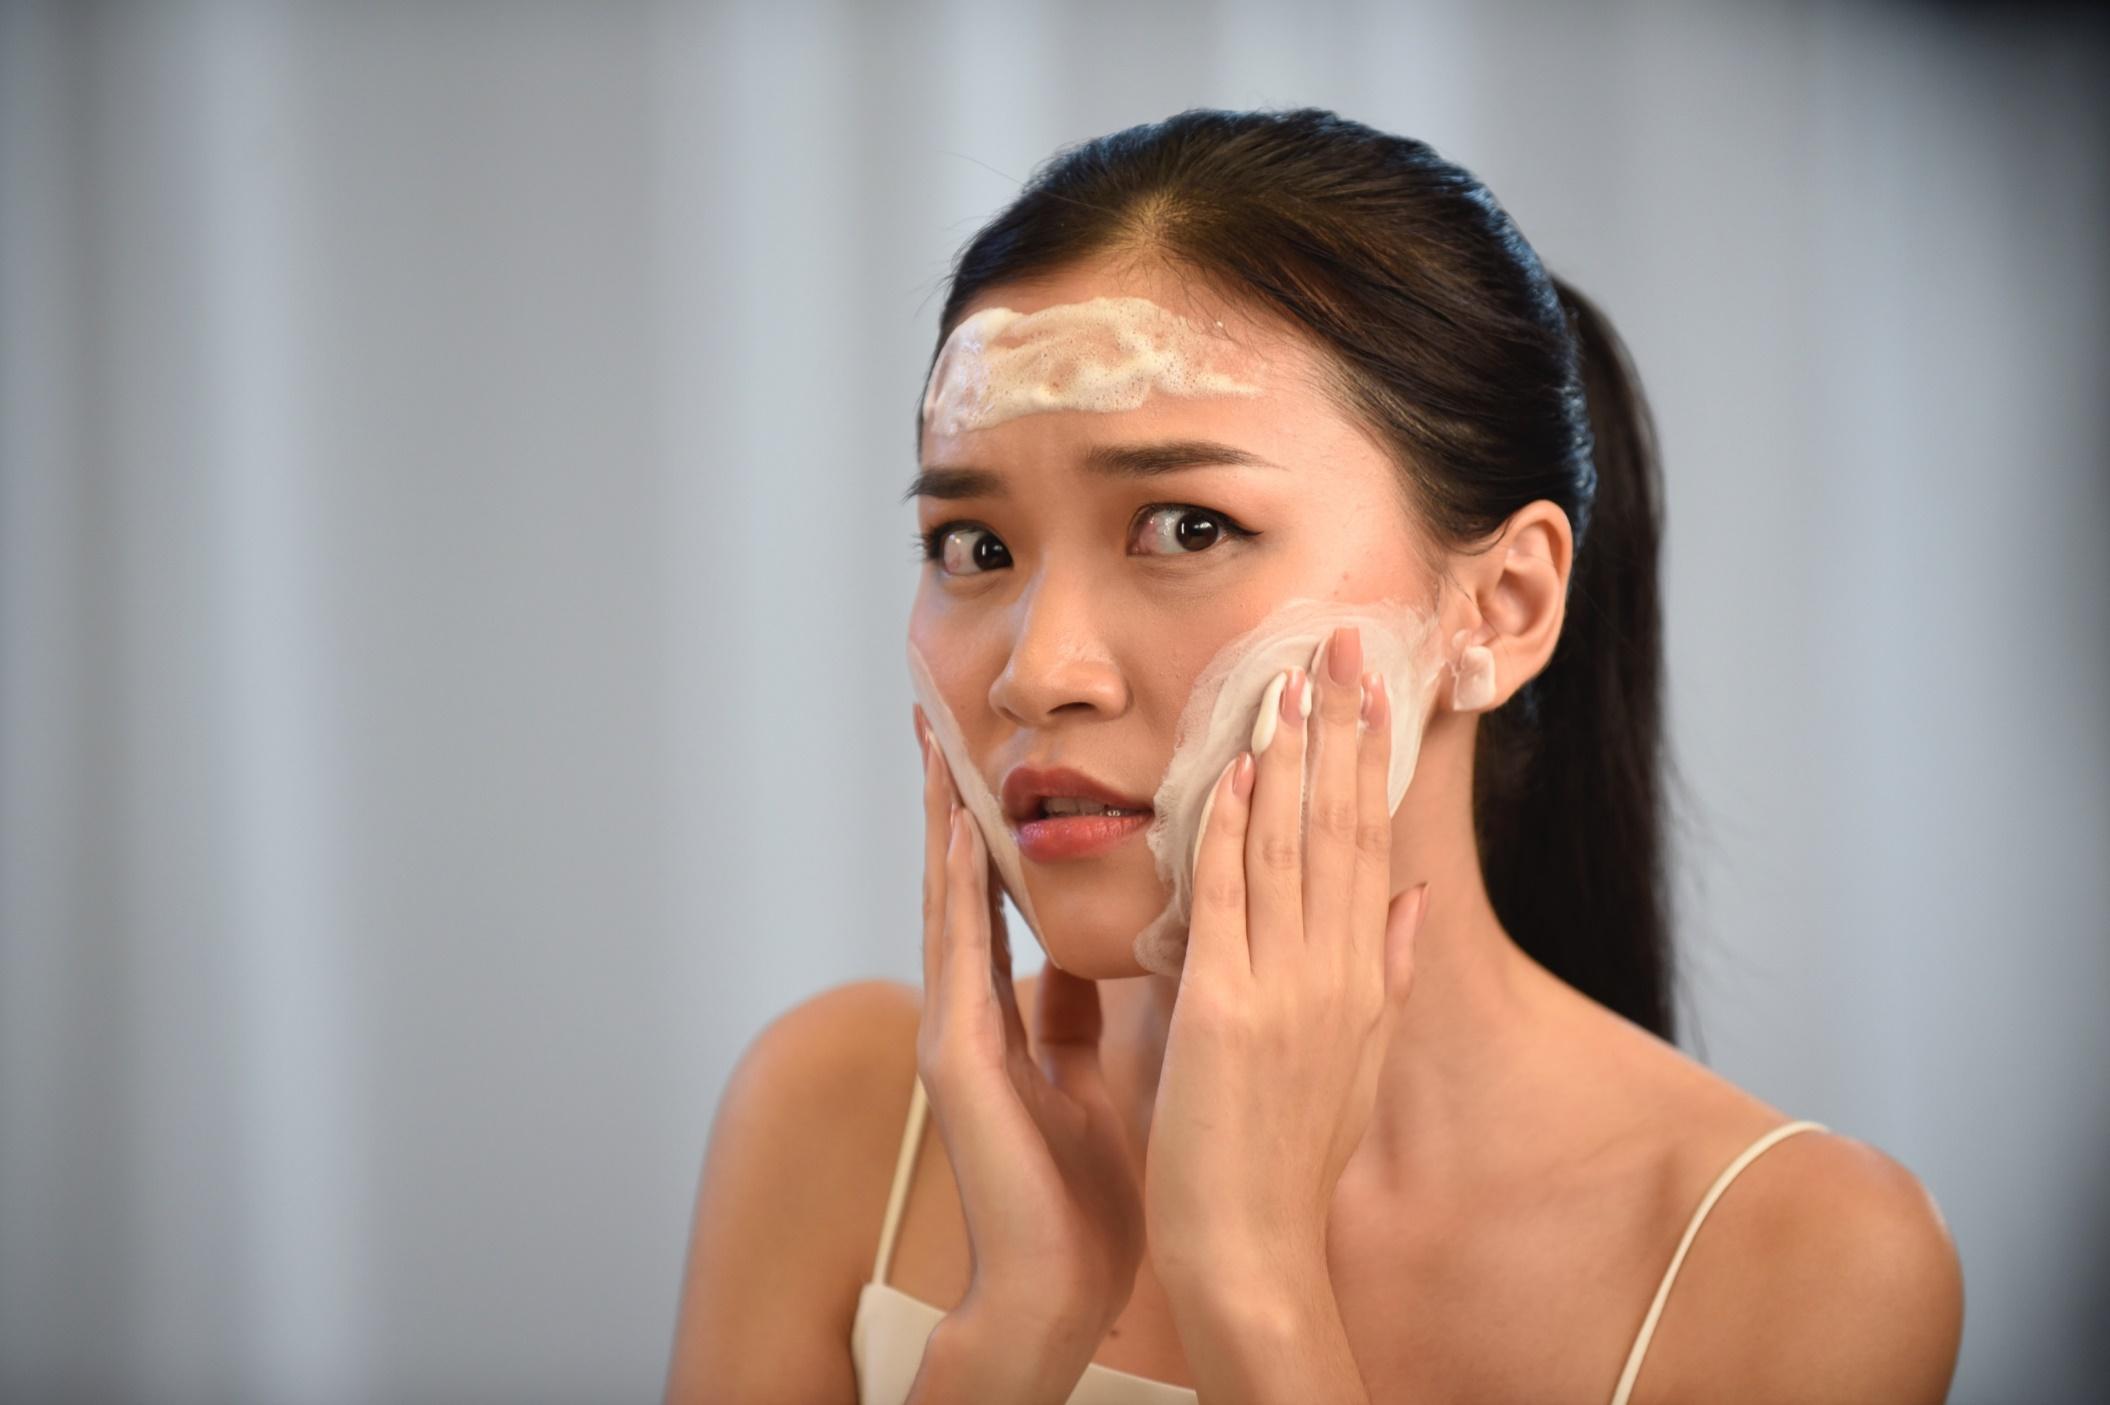 Tẩy trang và rửa mặt trong 1 bước: Là do bạn không biết cách chăm sóc da hay vì lười? - Ảnh 3.